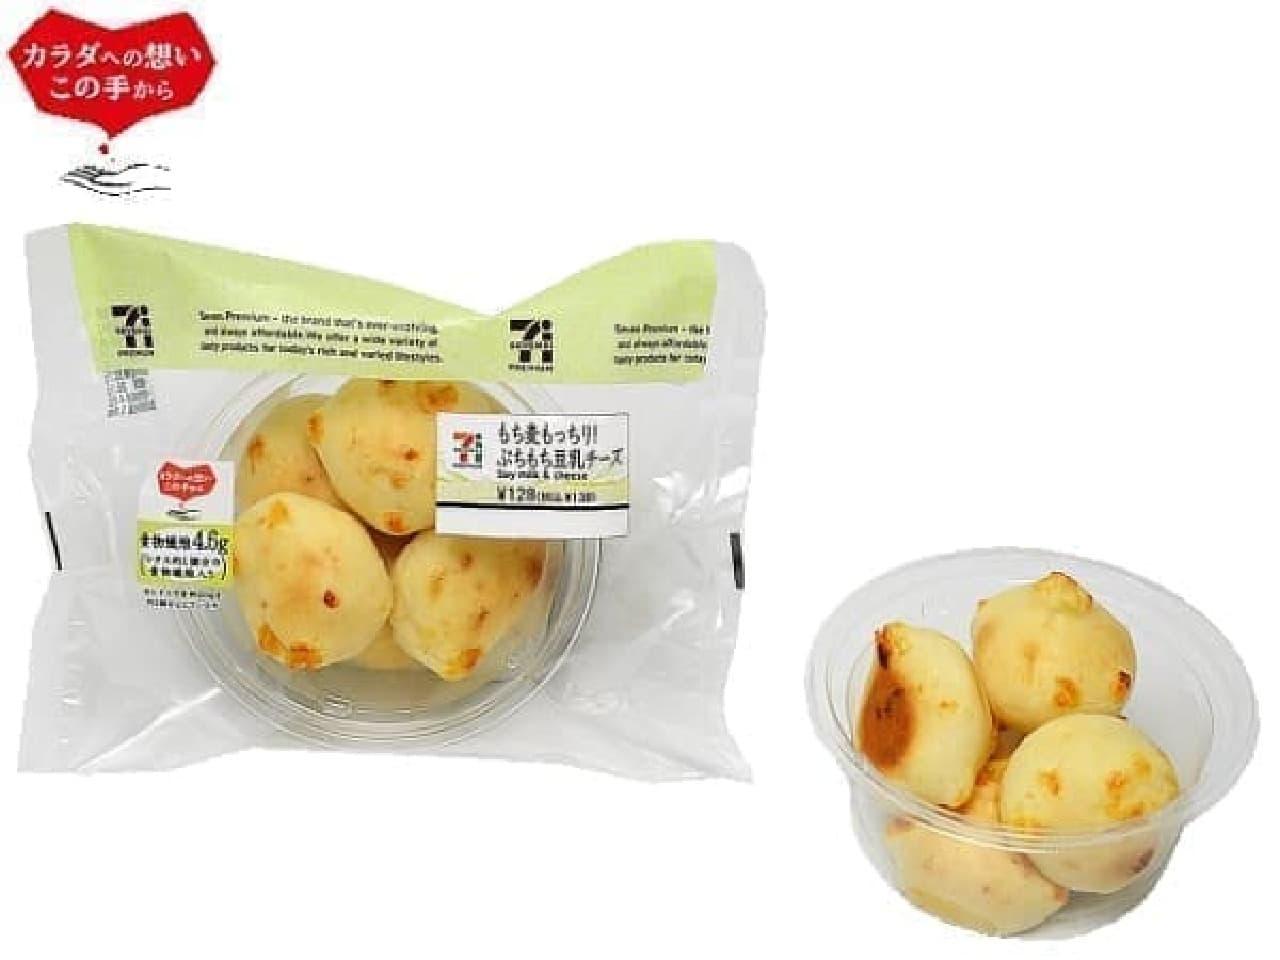 セブン-イレブン「もち麦もっちり!ぷちもち豆乳チーズ」